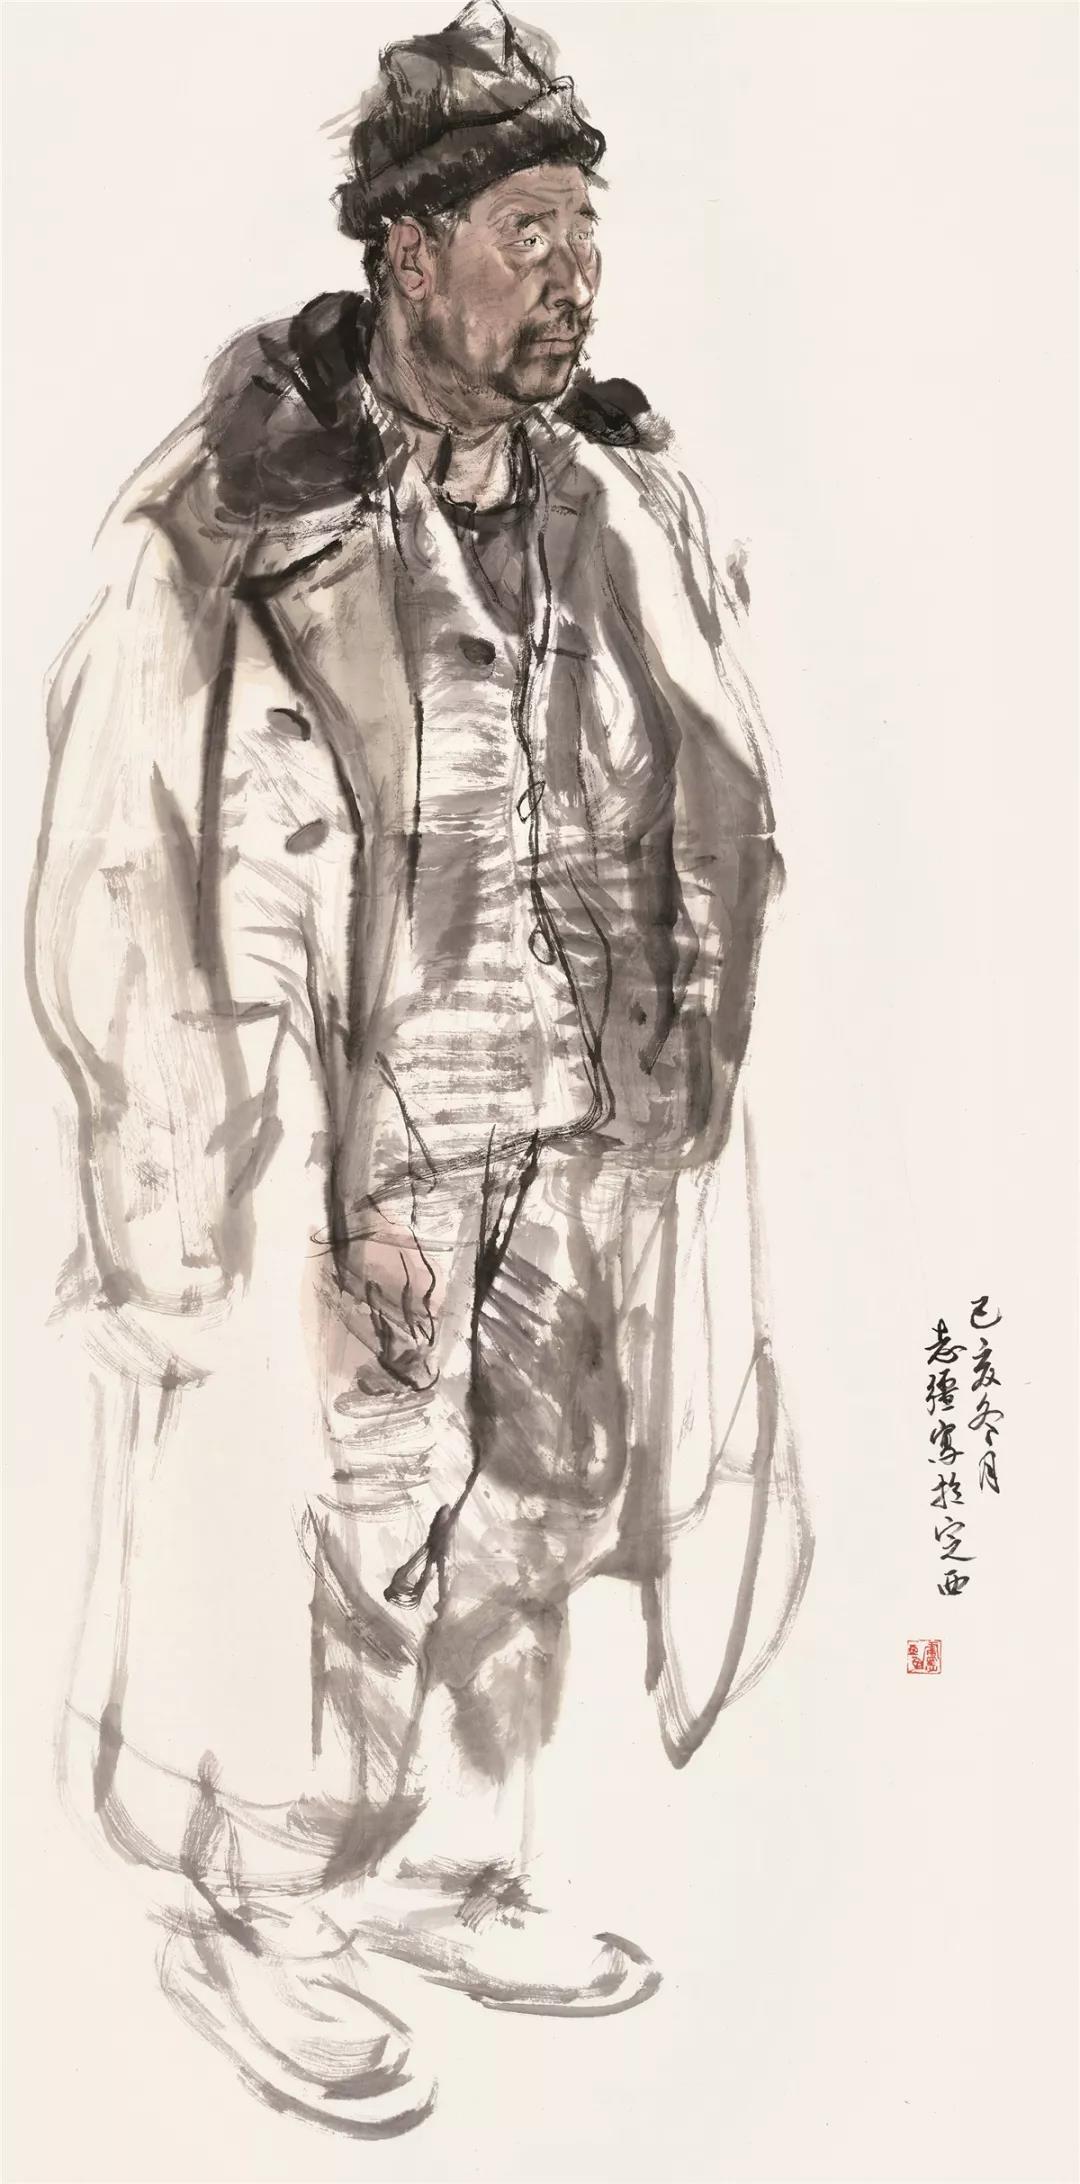 卢志强  人物写生之二 136cm×68cm 2019年